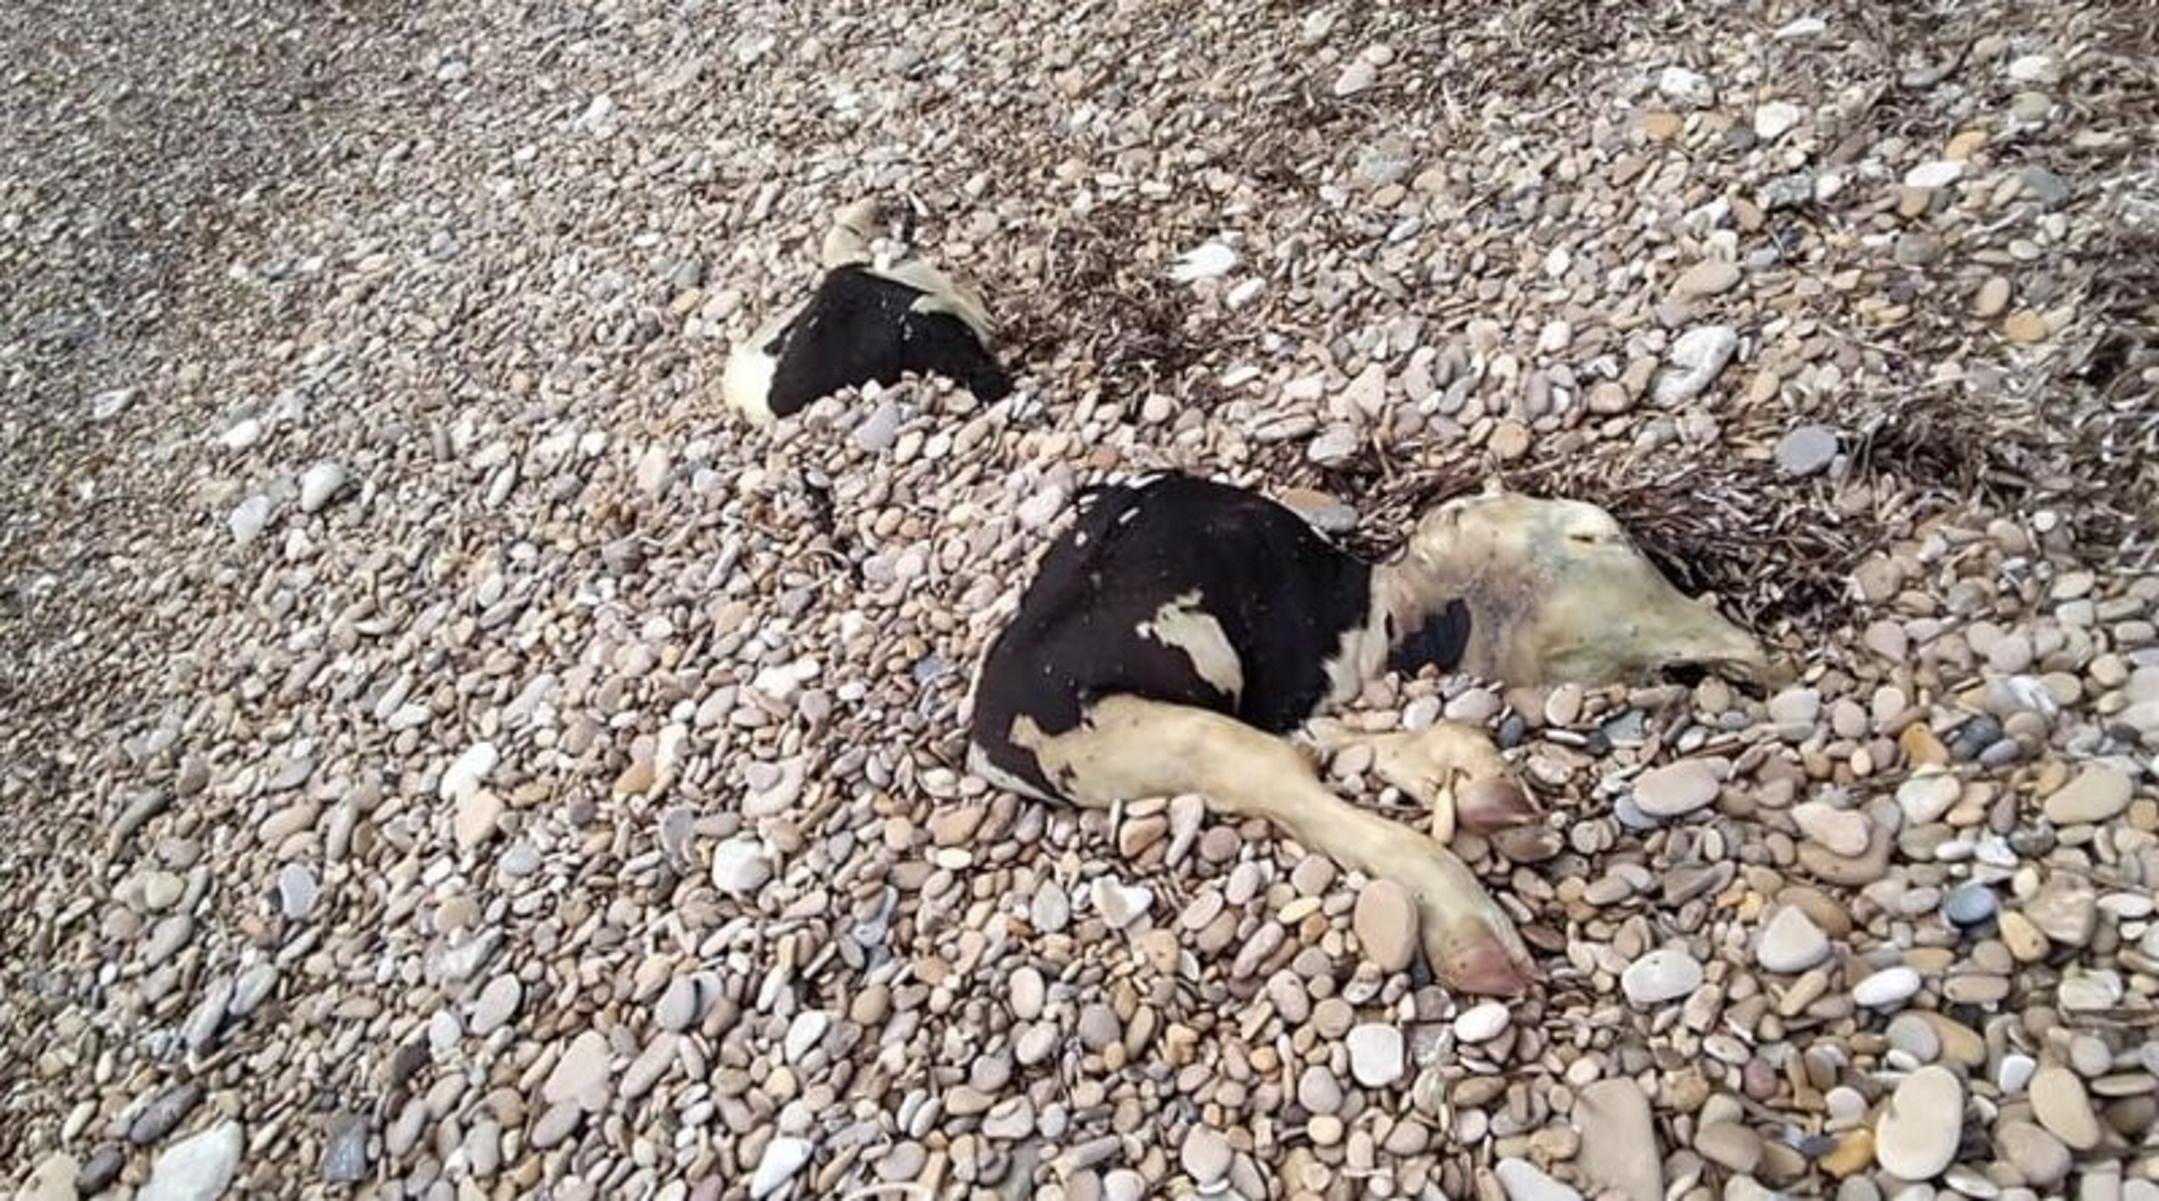 Χίος: Νεκρή αγελάδα ξεβράστηκε σε παραλία – Εικόνα που σοκάρει